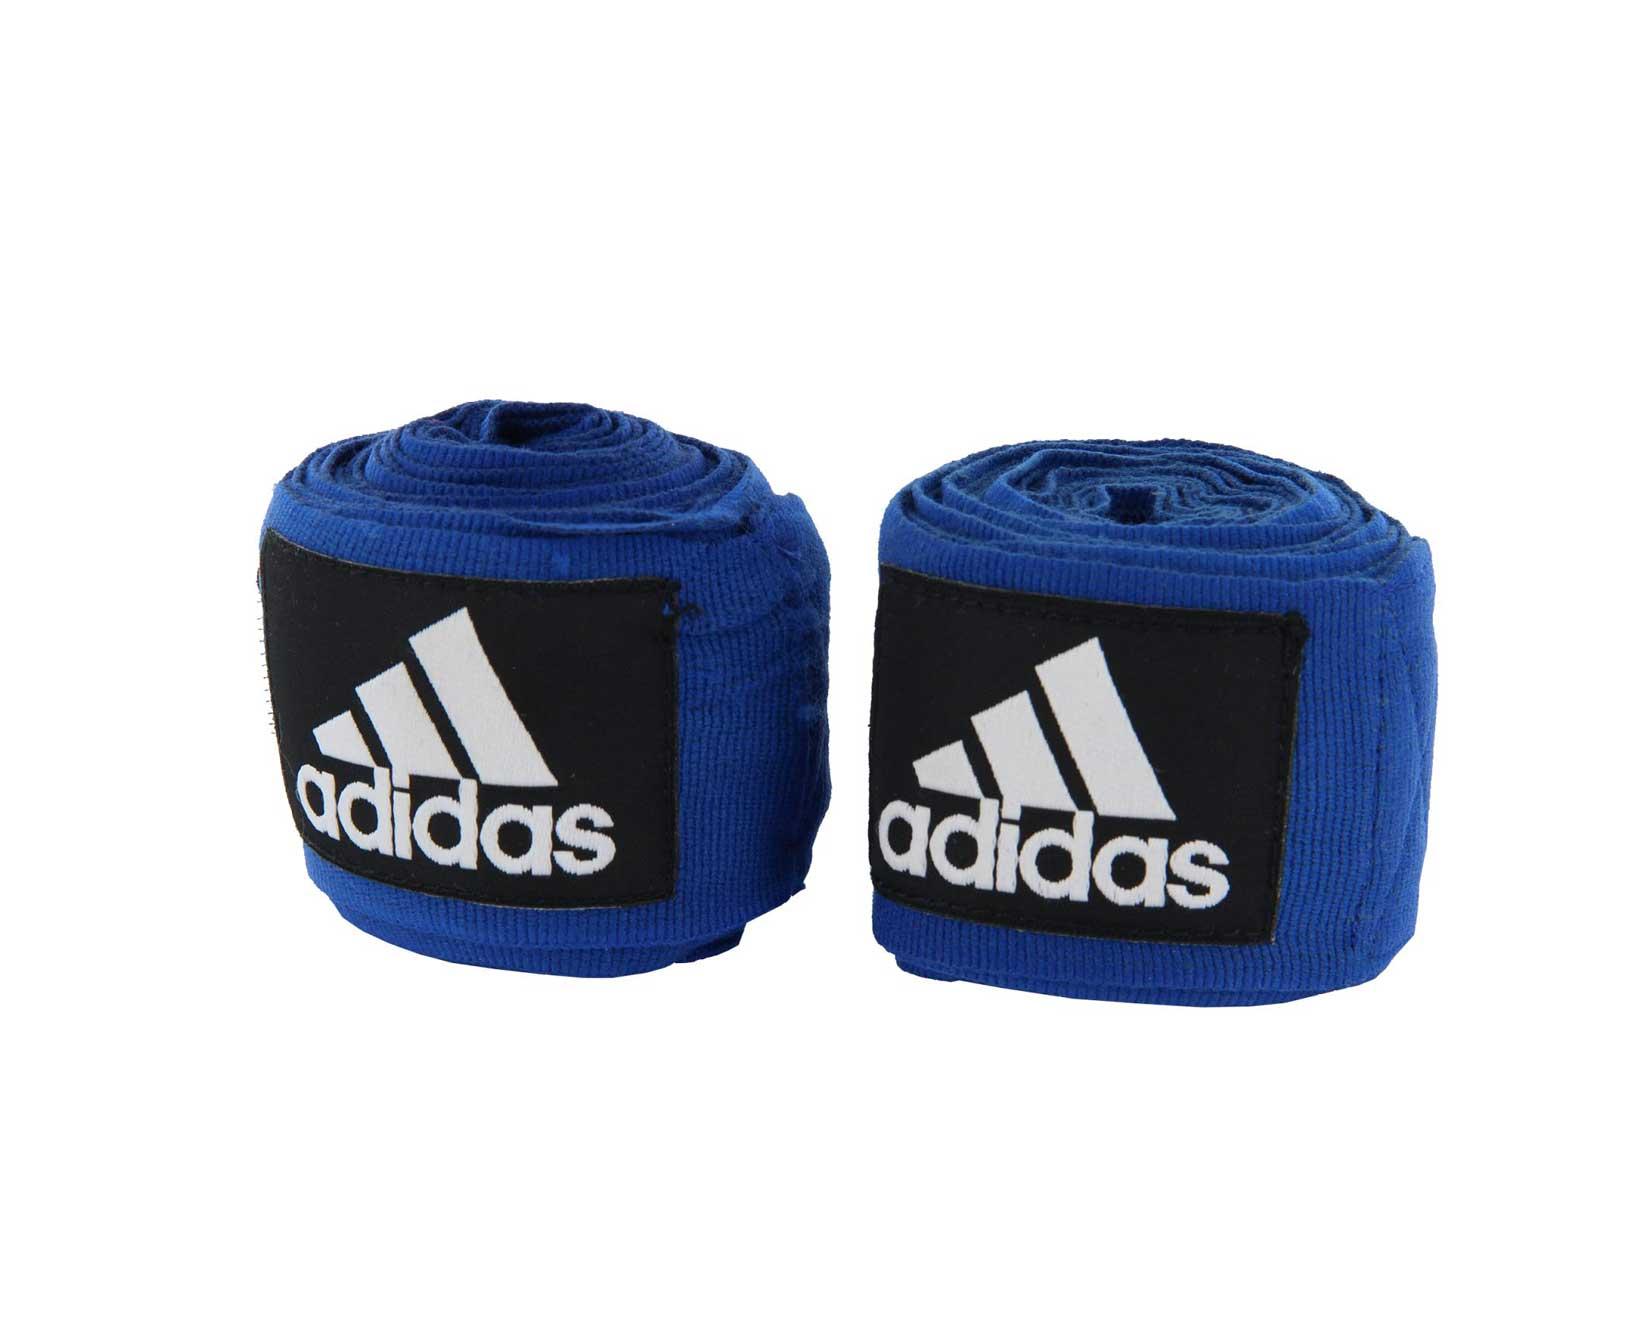 Бинт боксерский Adidas Boxing Crepe Bandage, синий тонус бинт средней растяжимости эластичный 10x300см с застежкой